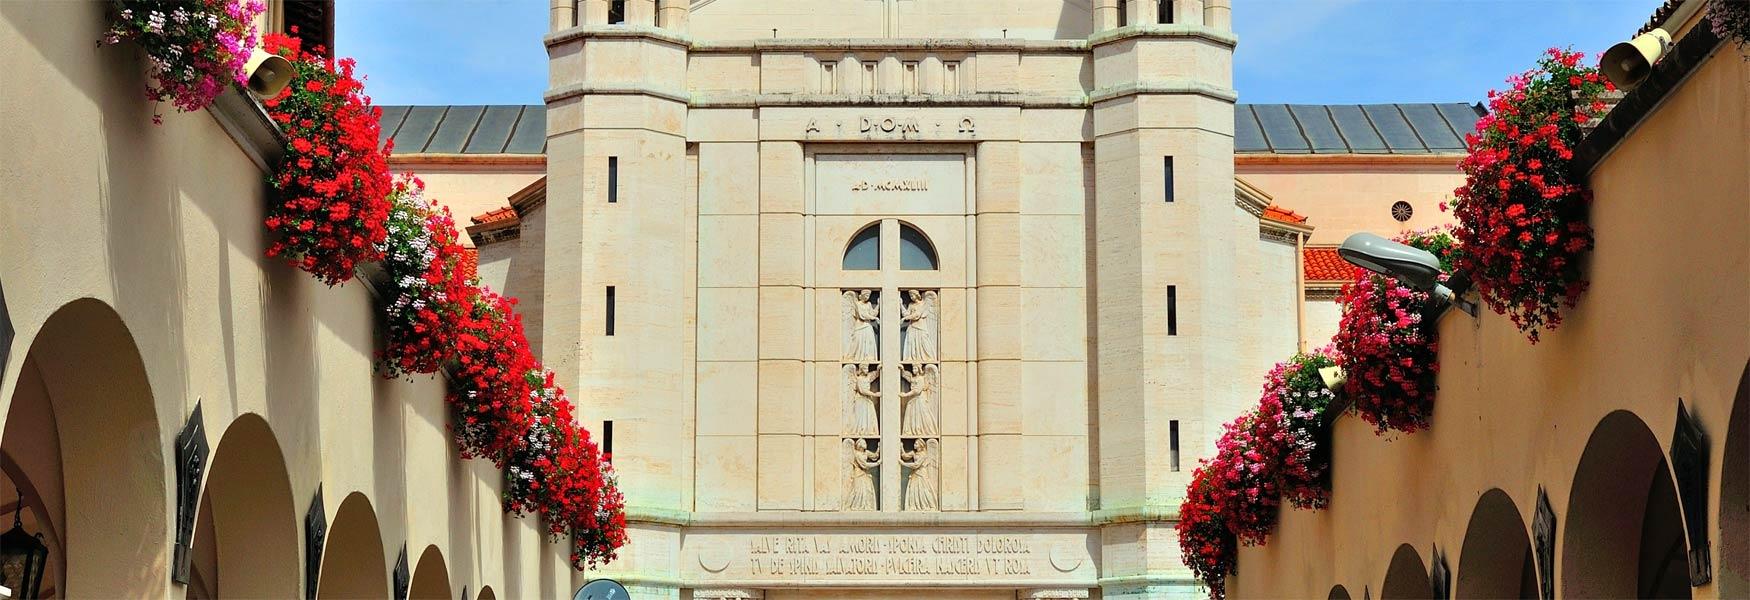 Basilica di santa rita da cascia souvenir cascia for Basilica di santa rita da cascia